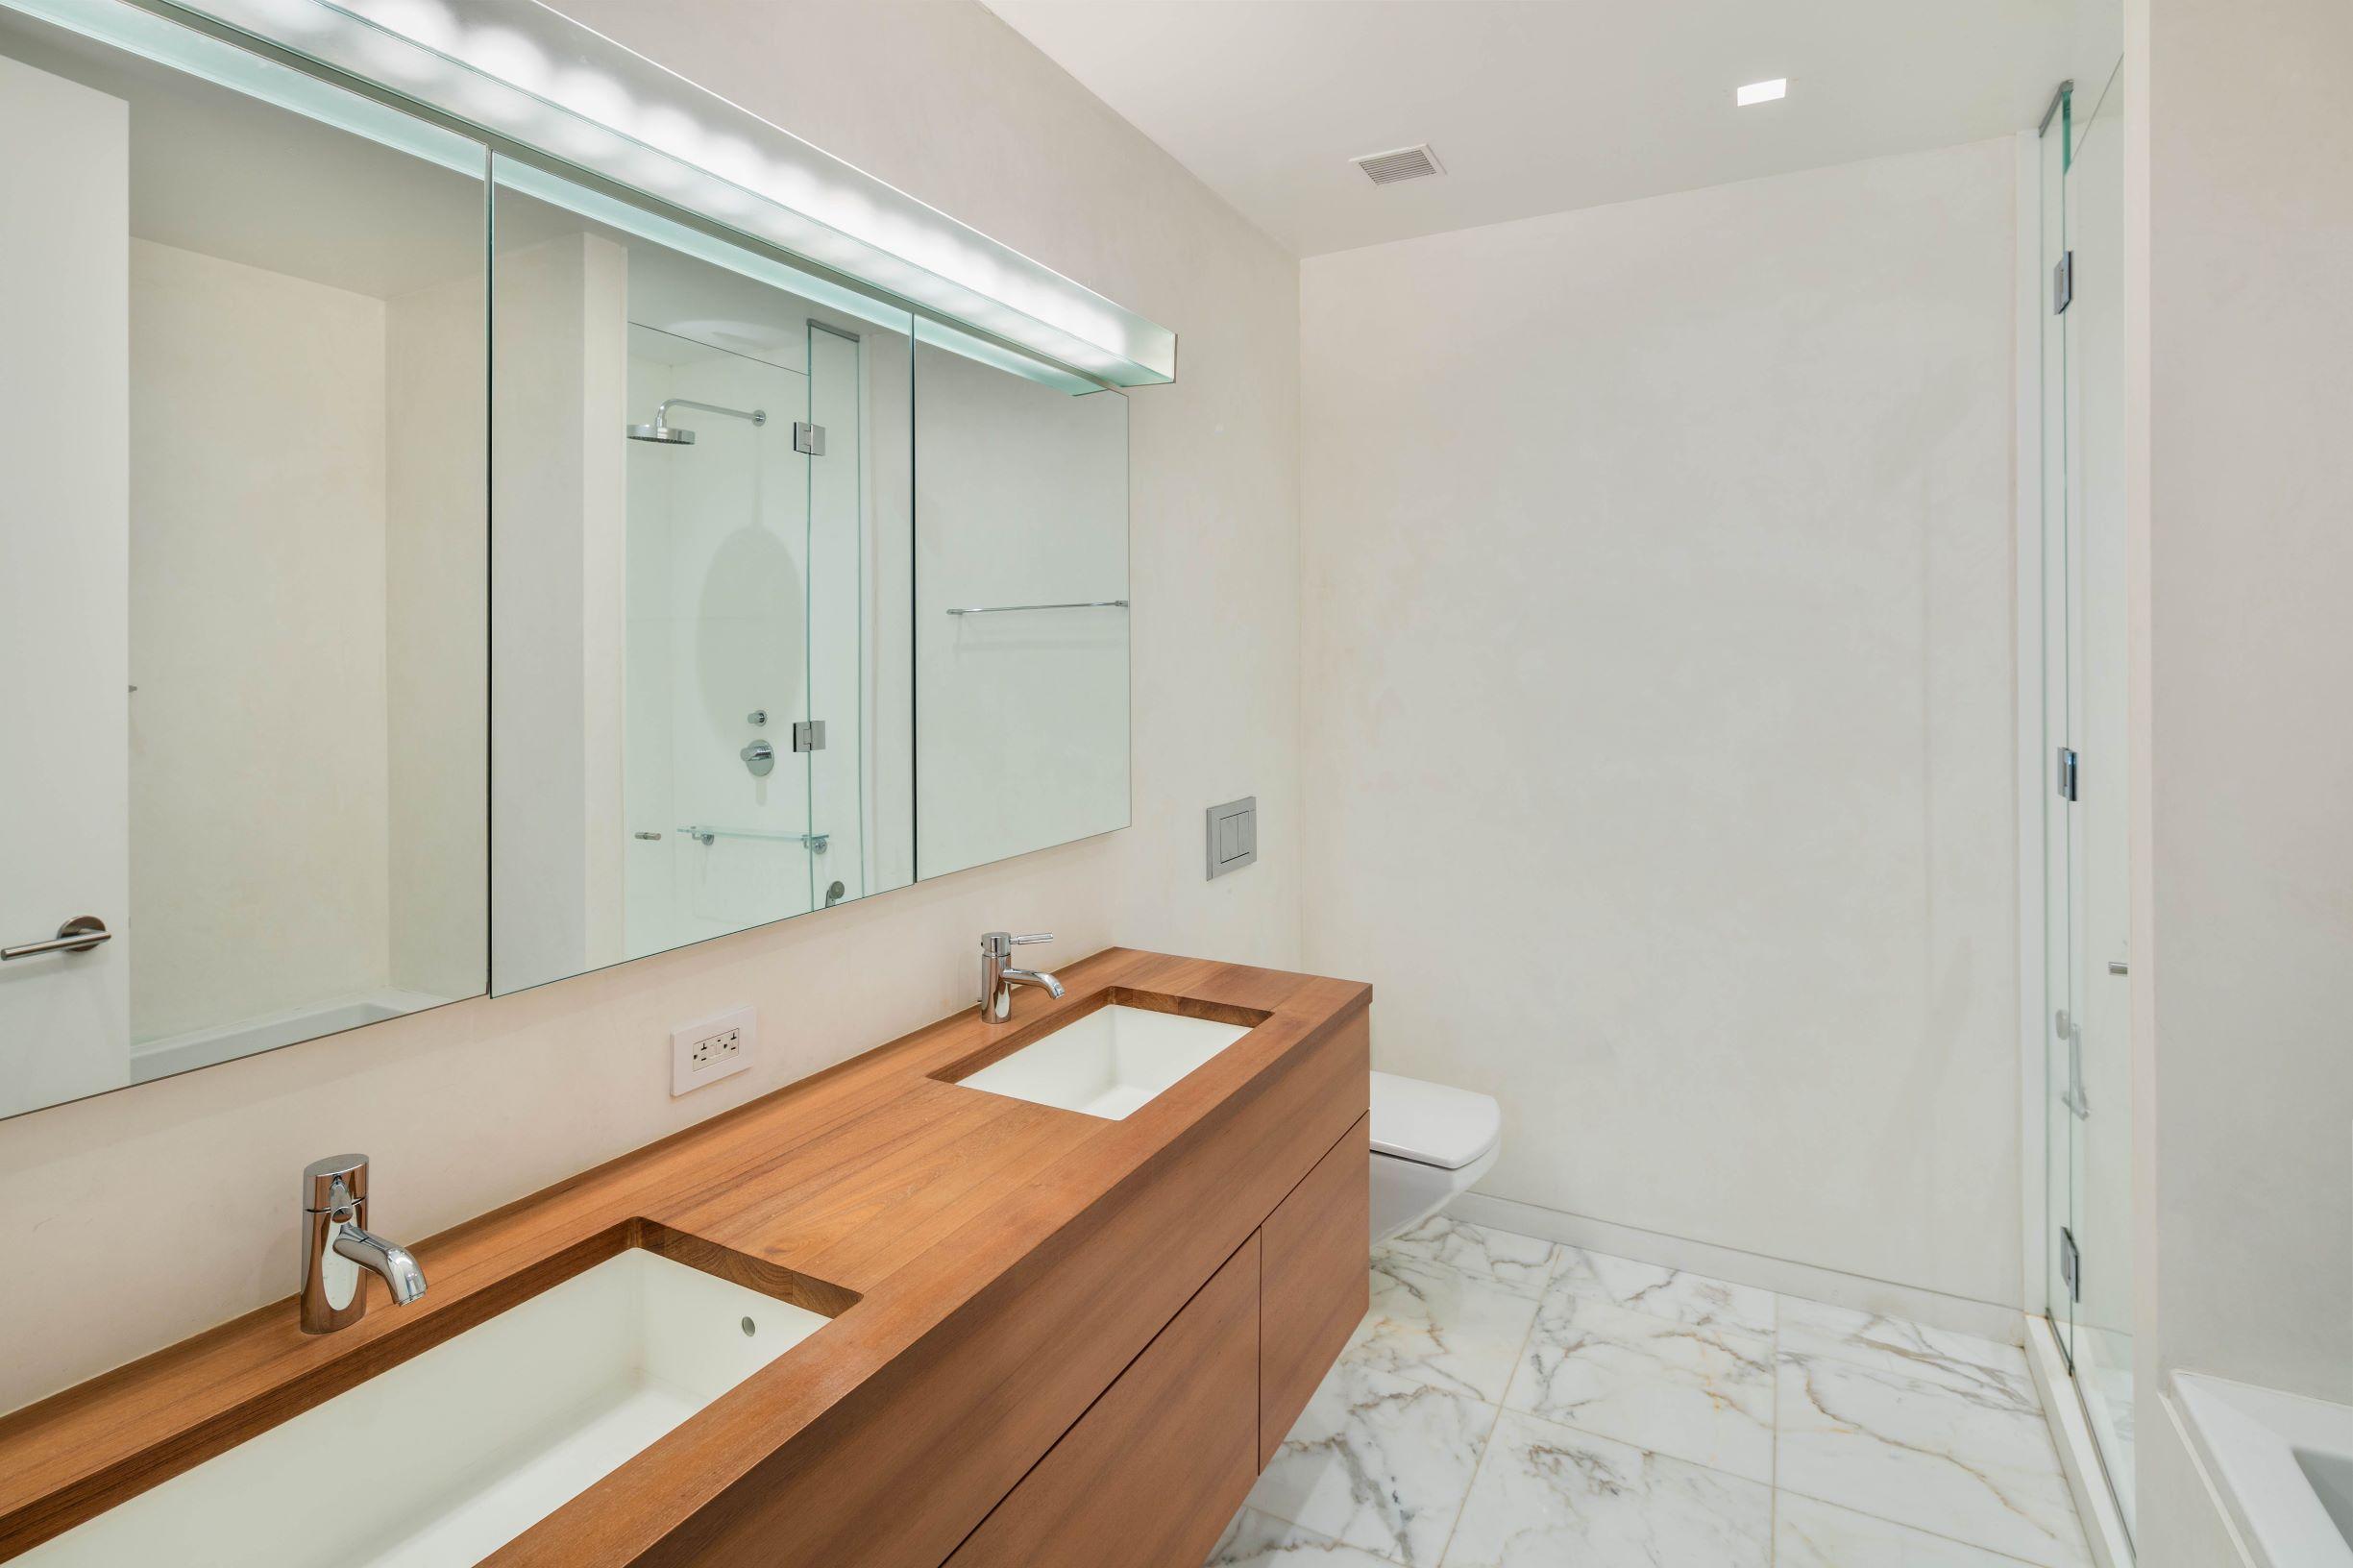 1 York Street, New York, New York, New York, United States 10013, 2 Bedrooms Bedrooms, ,2 BathroomsBathrooms,Condo,For Rent,One York,York Street,5,1155